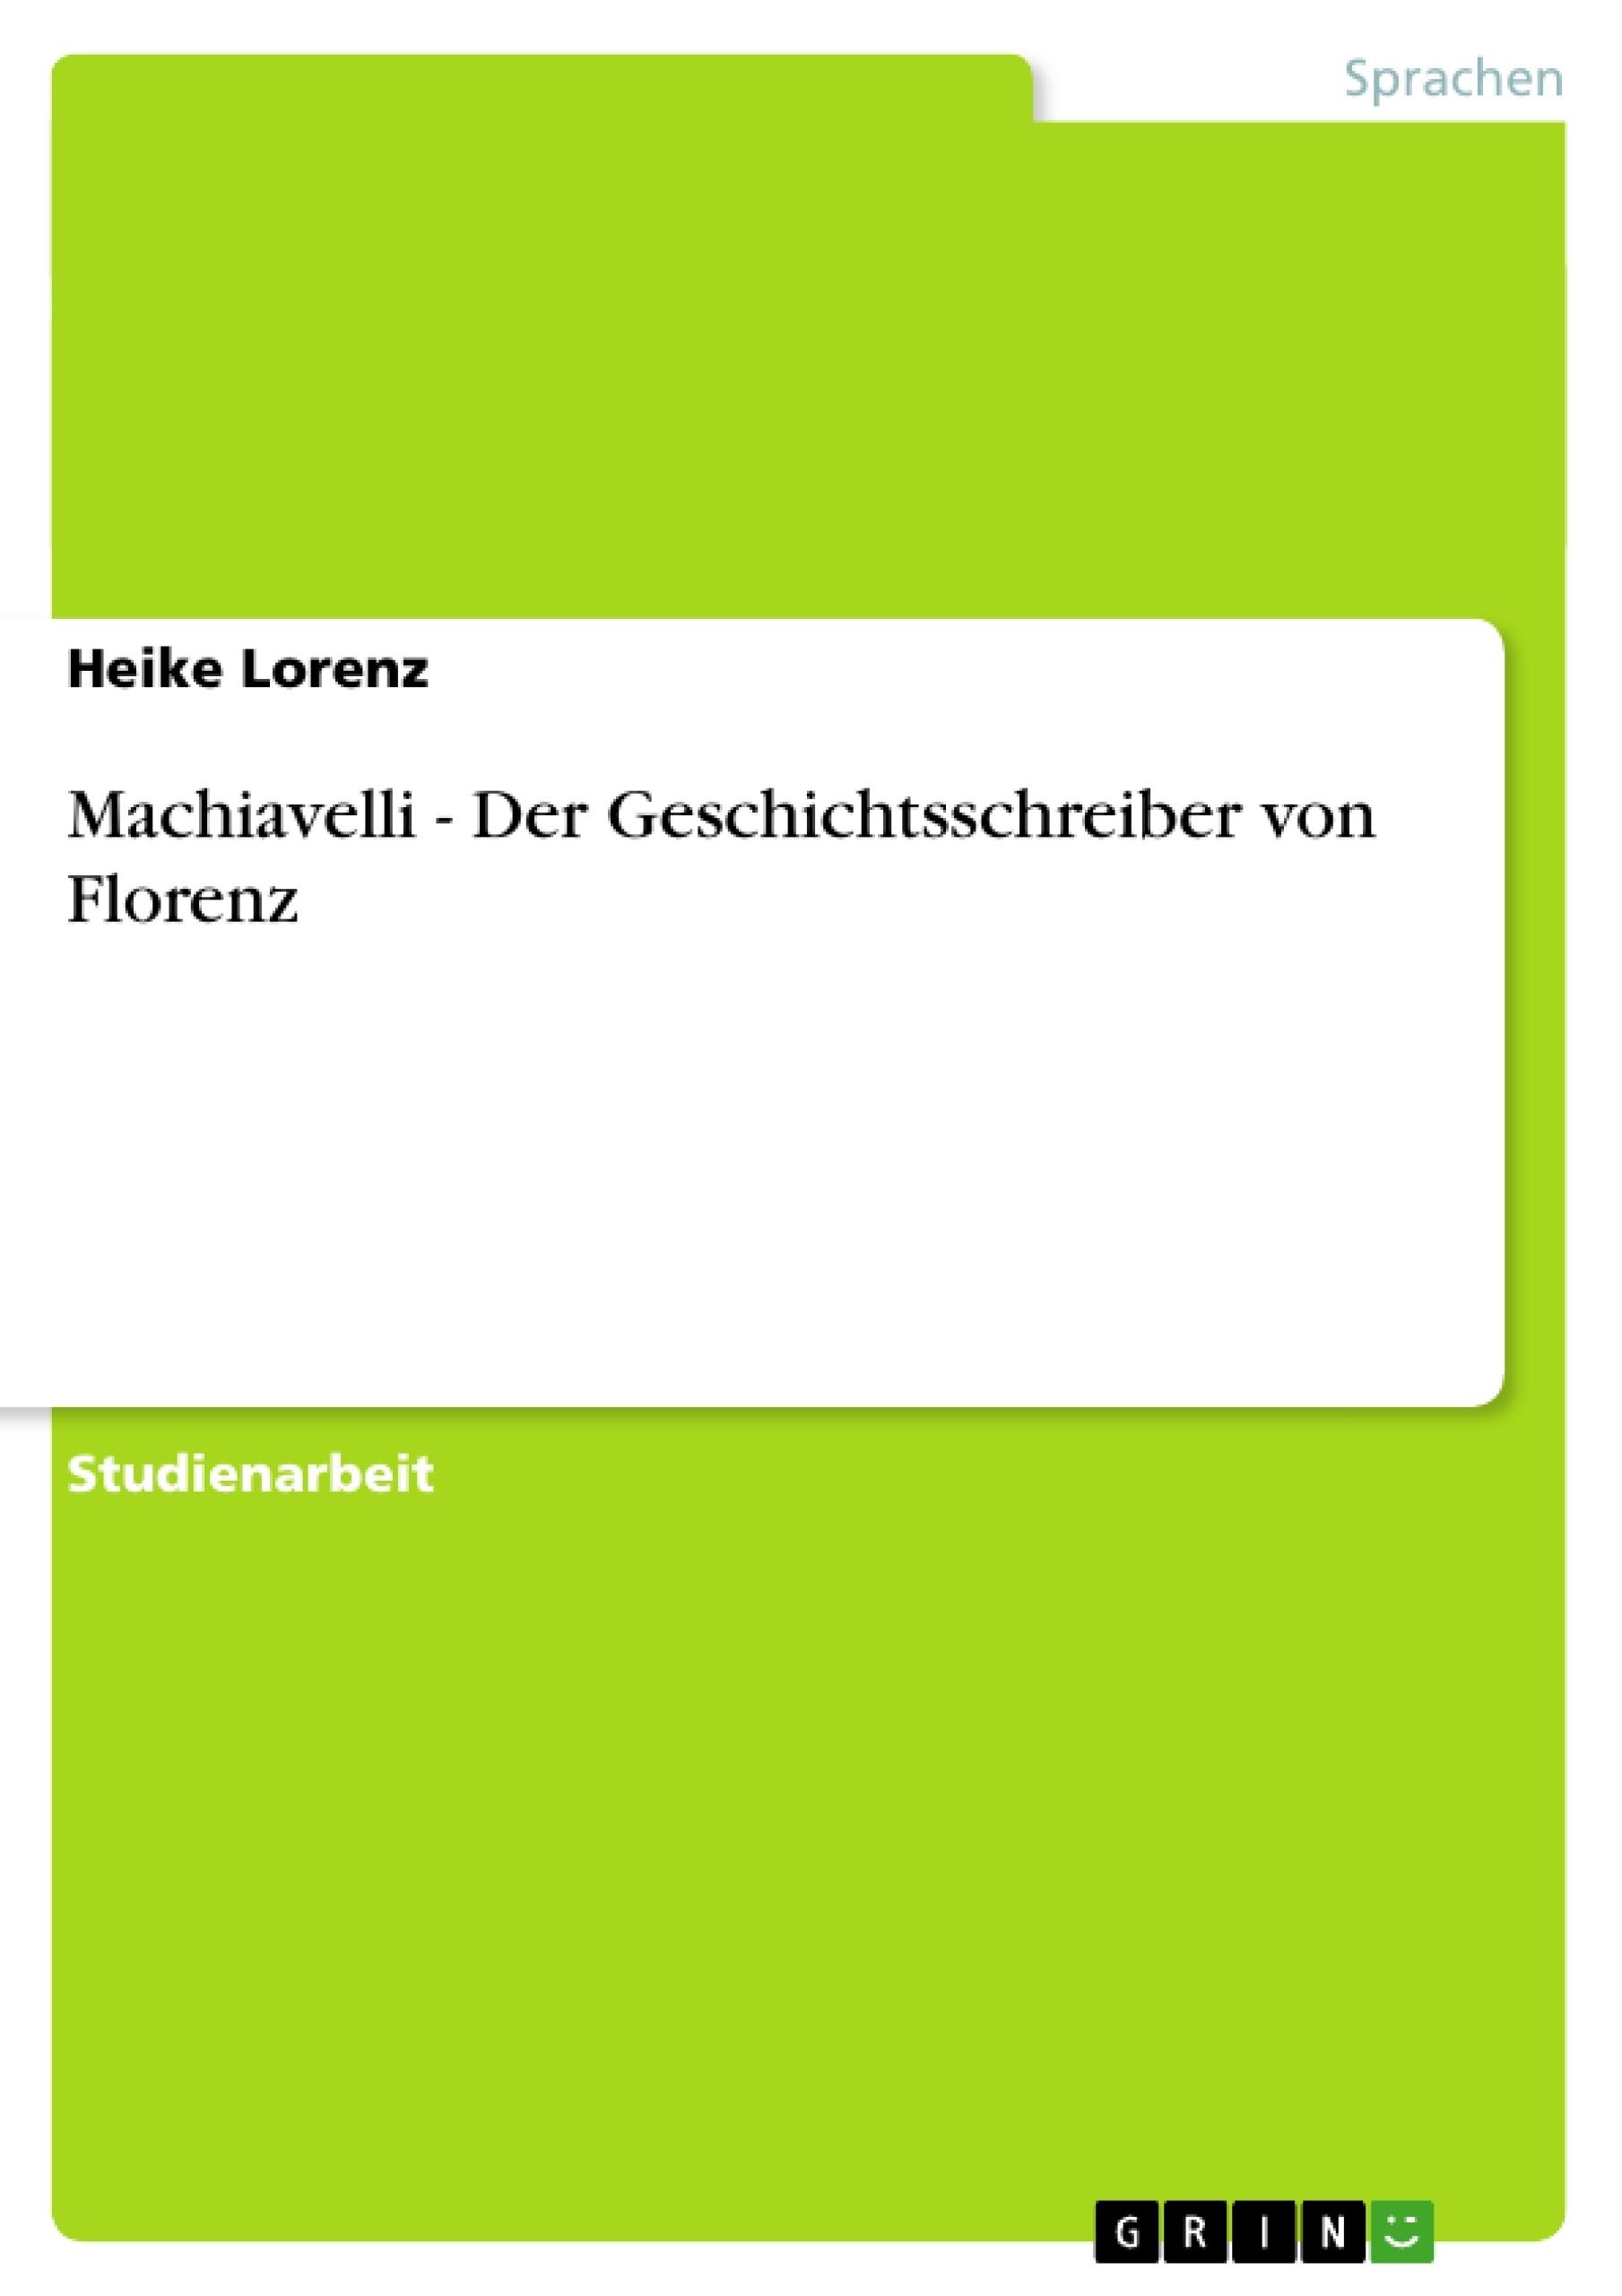 Titel: Machiavelli - Der Geschichtsschreiber von Florenz